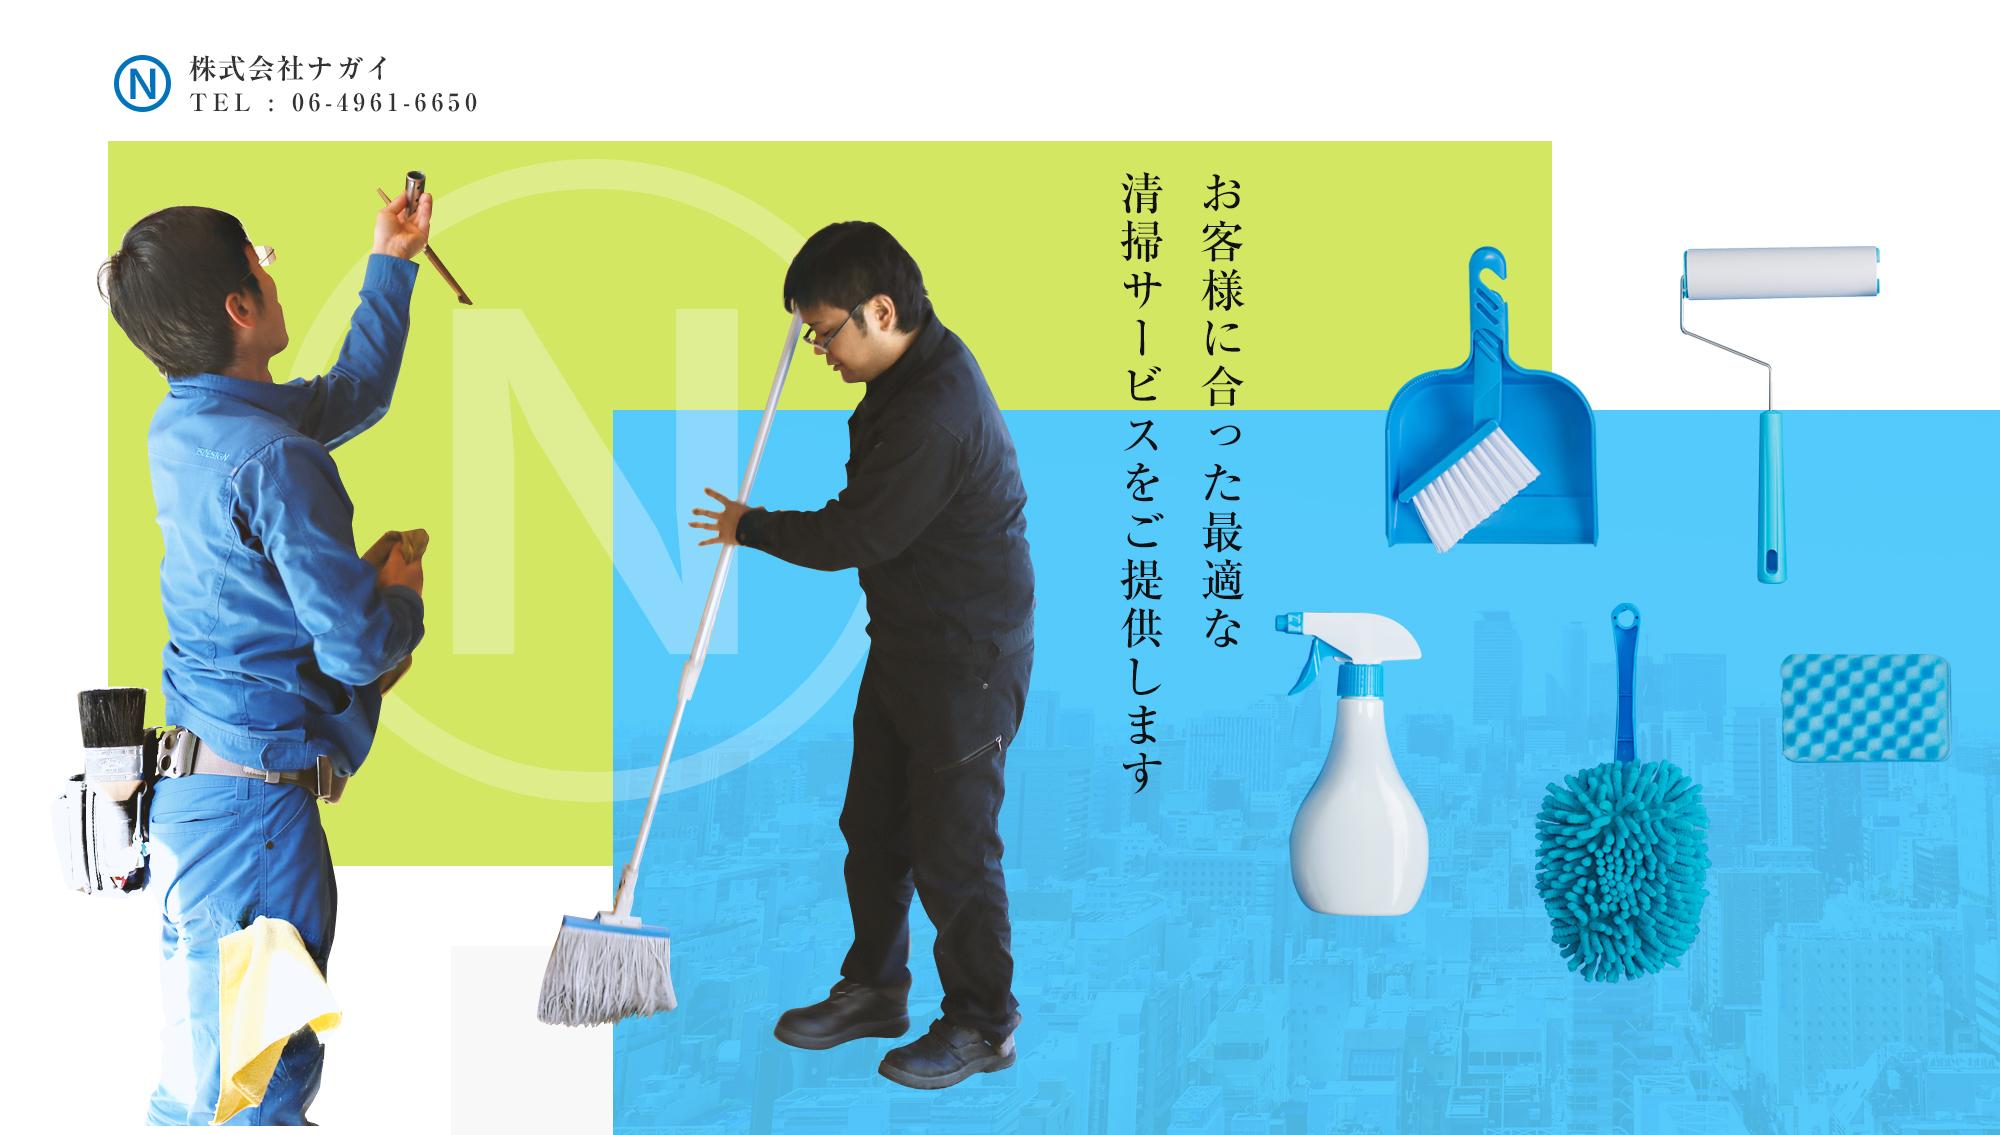 「お客様に合った最適な清掃サービスをご提供します!」